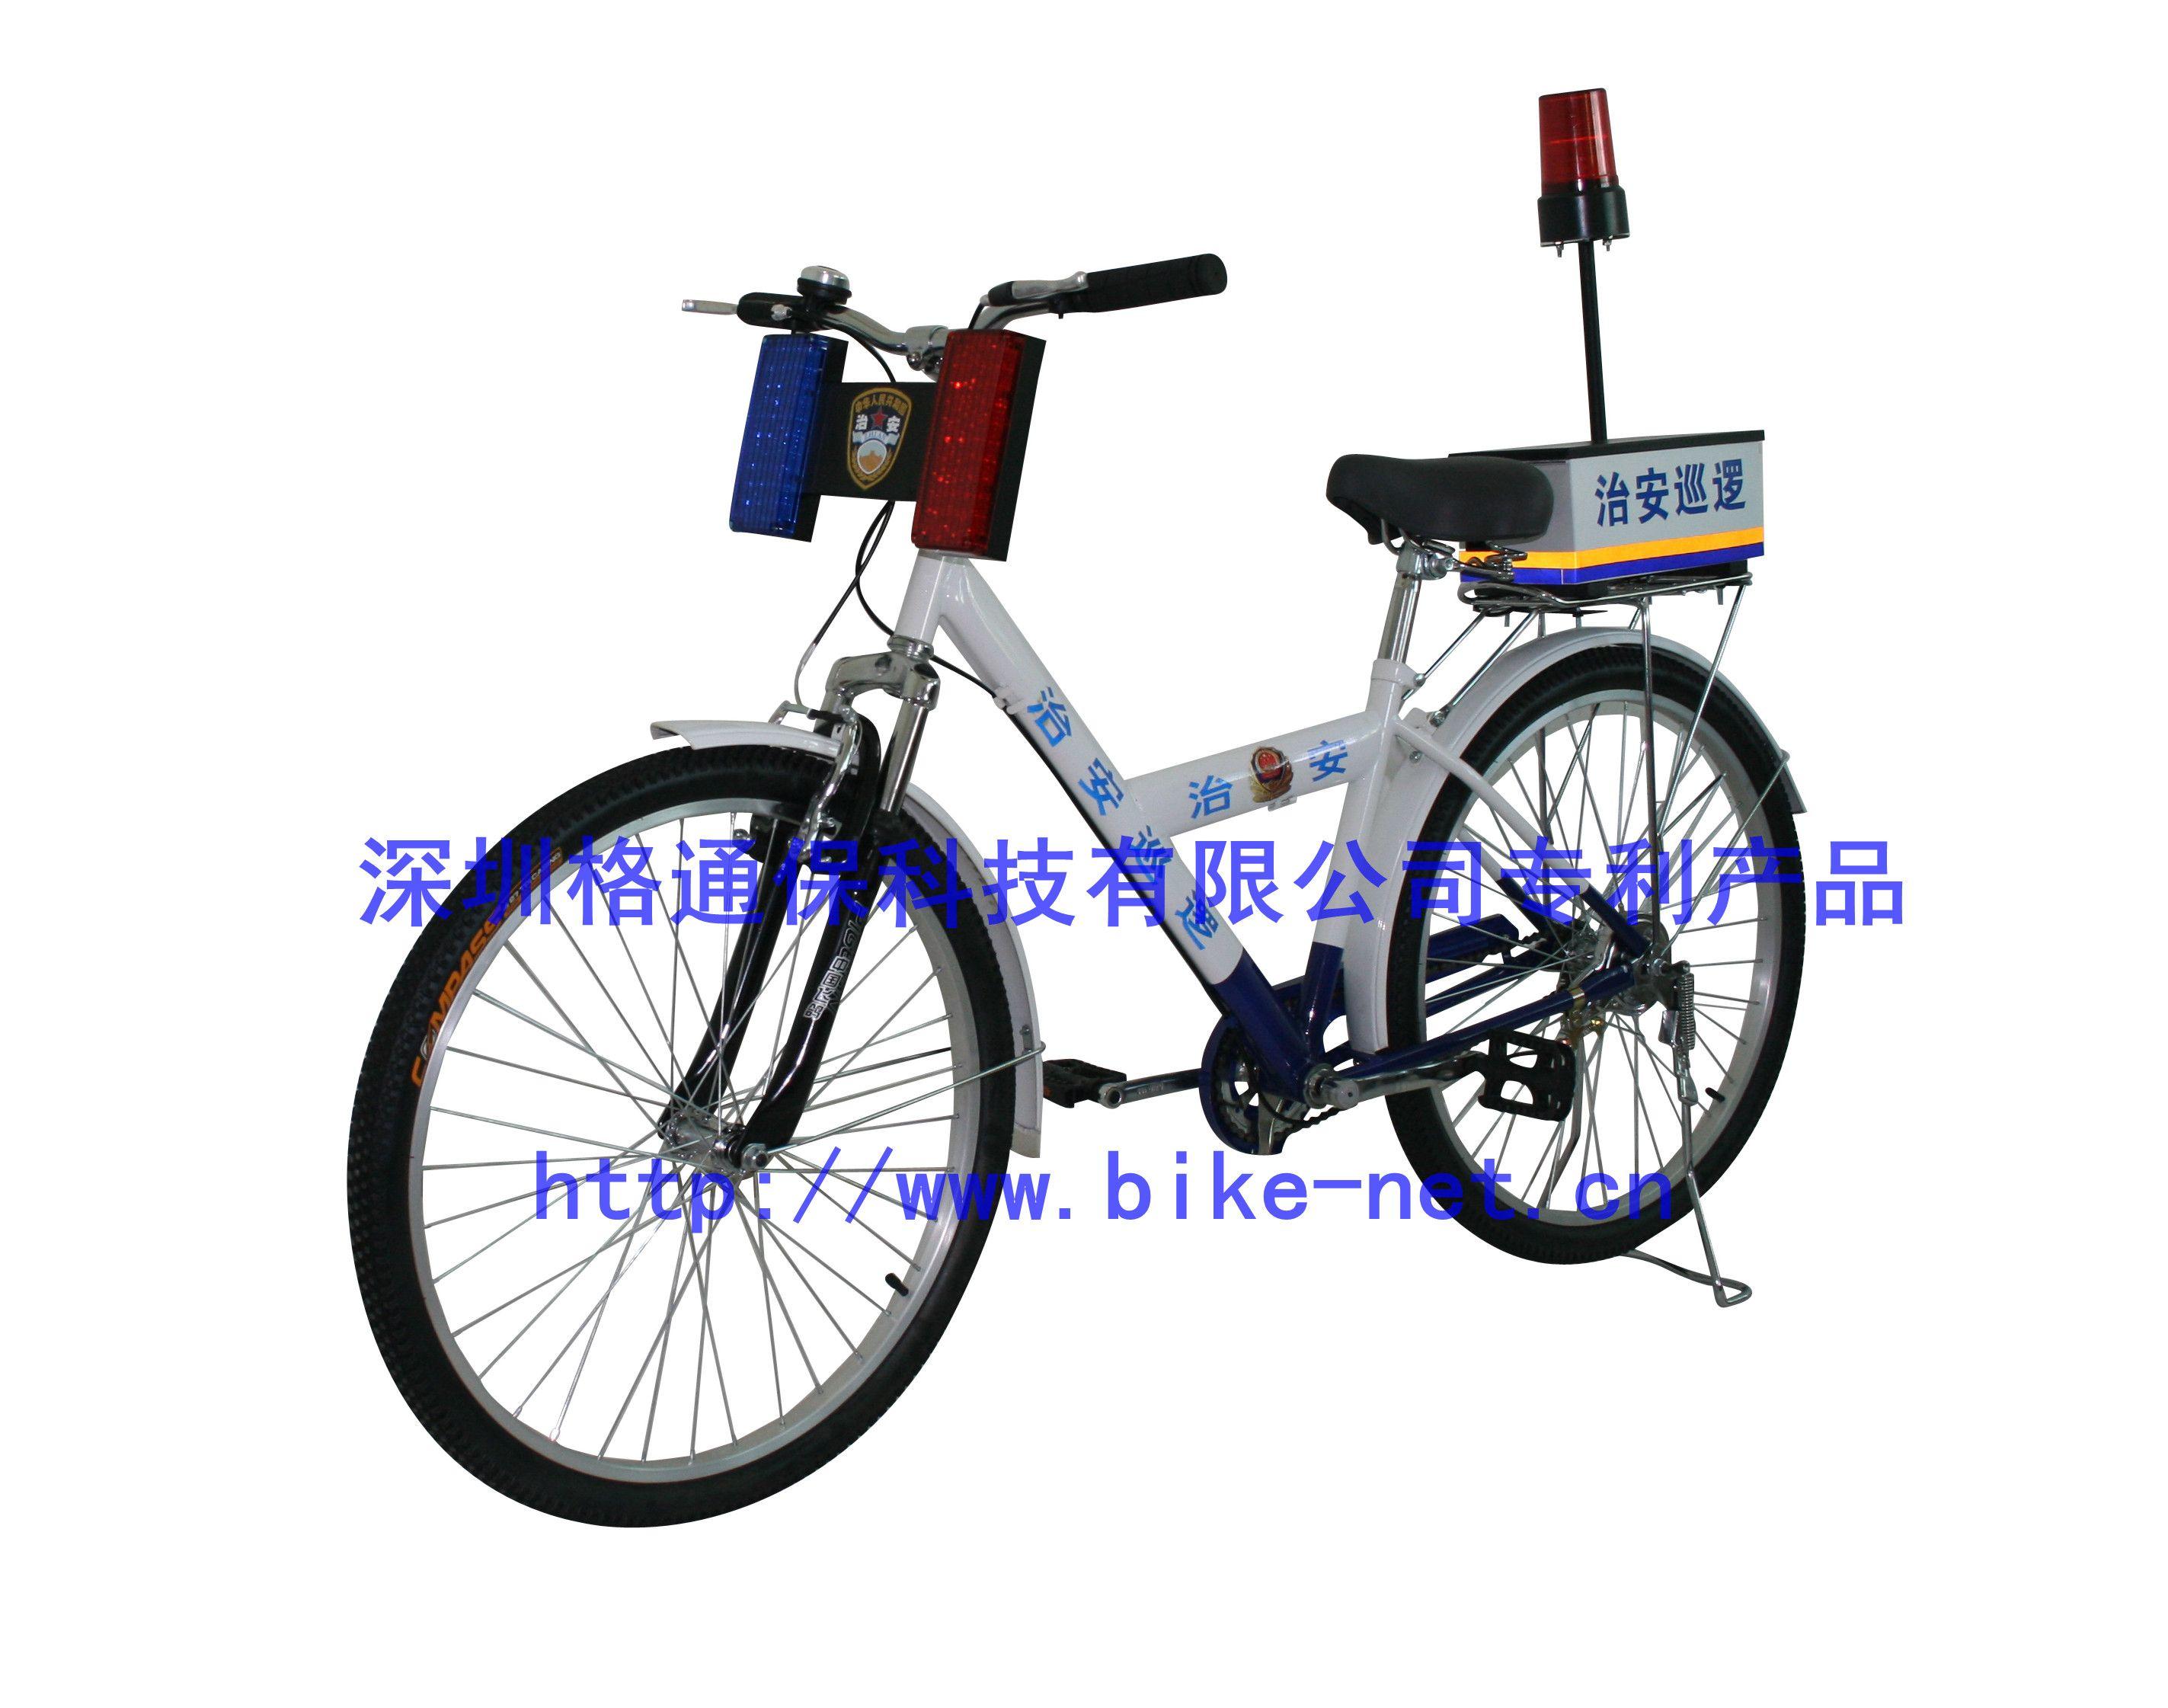 电动车 自行车 2846_2242